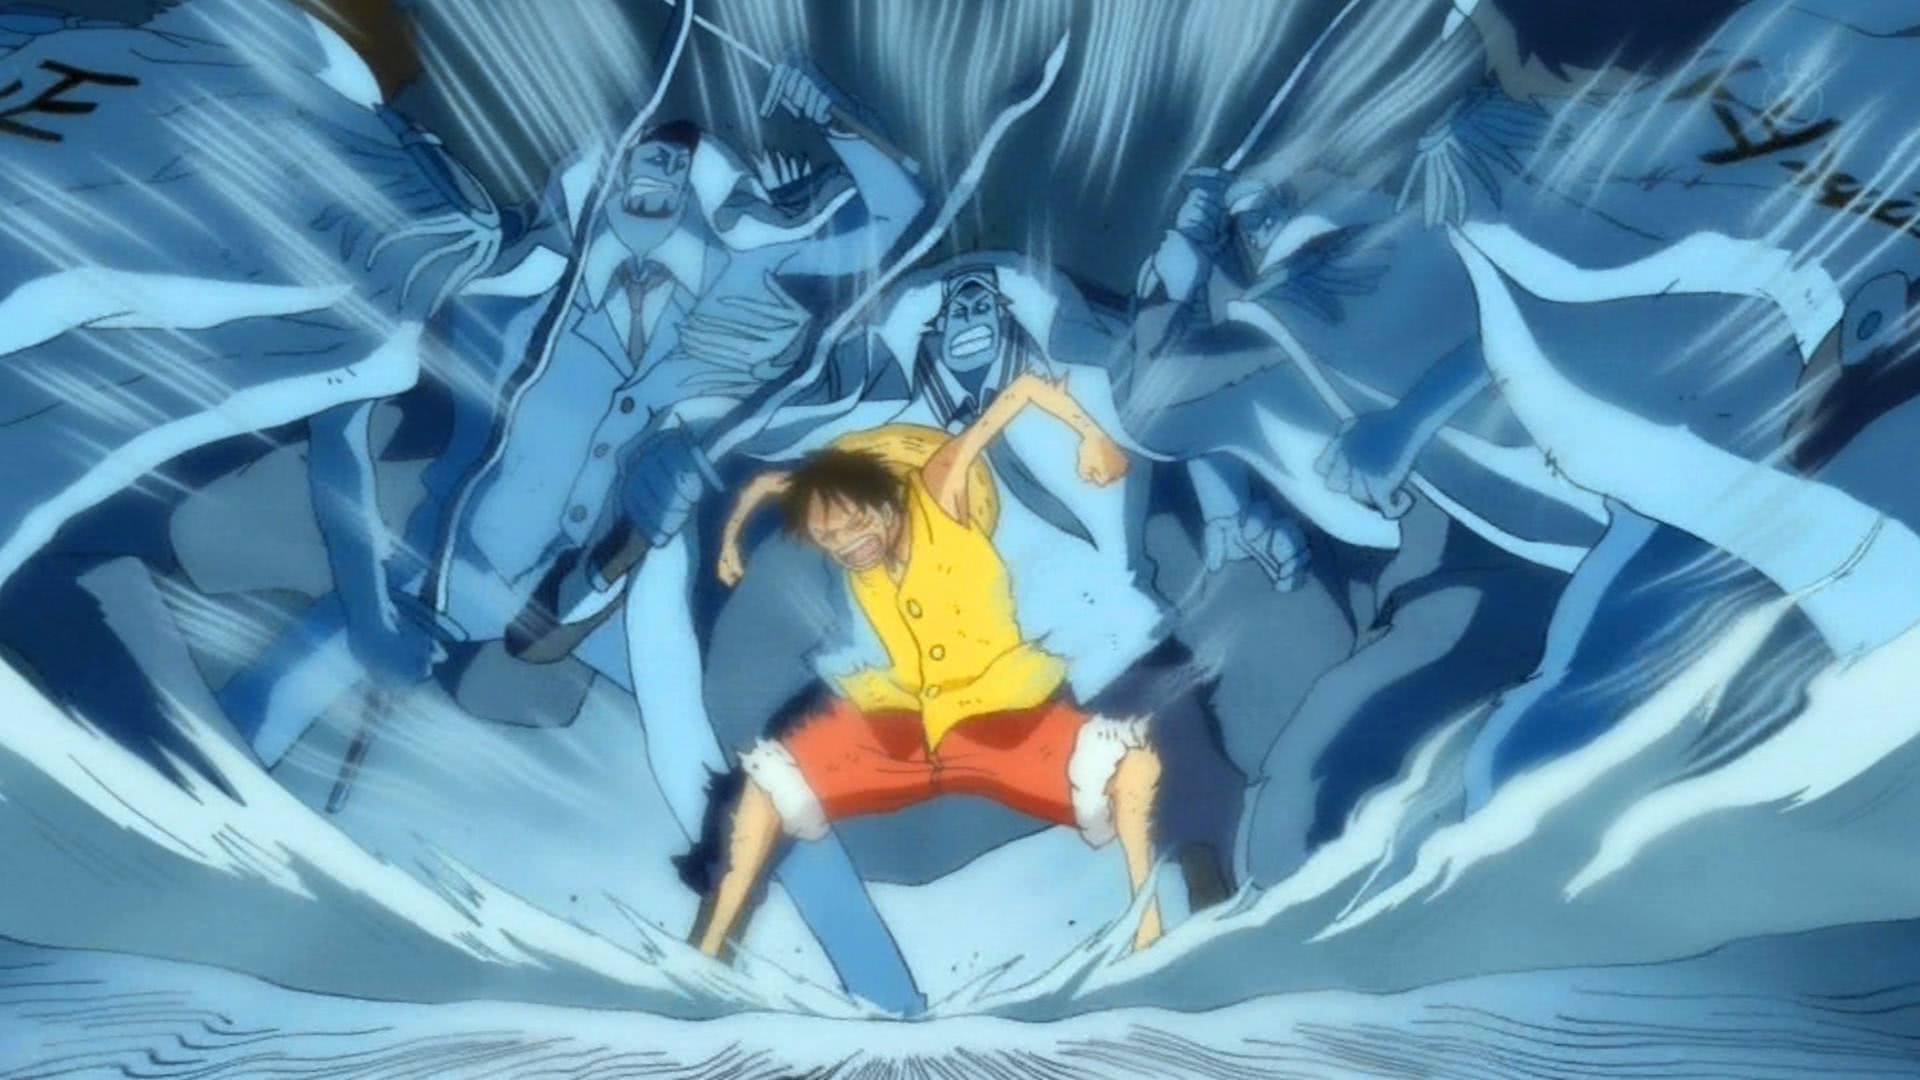 海贼王:霸王色爆发的瞬间,天都裂开了,太恐怖了!